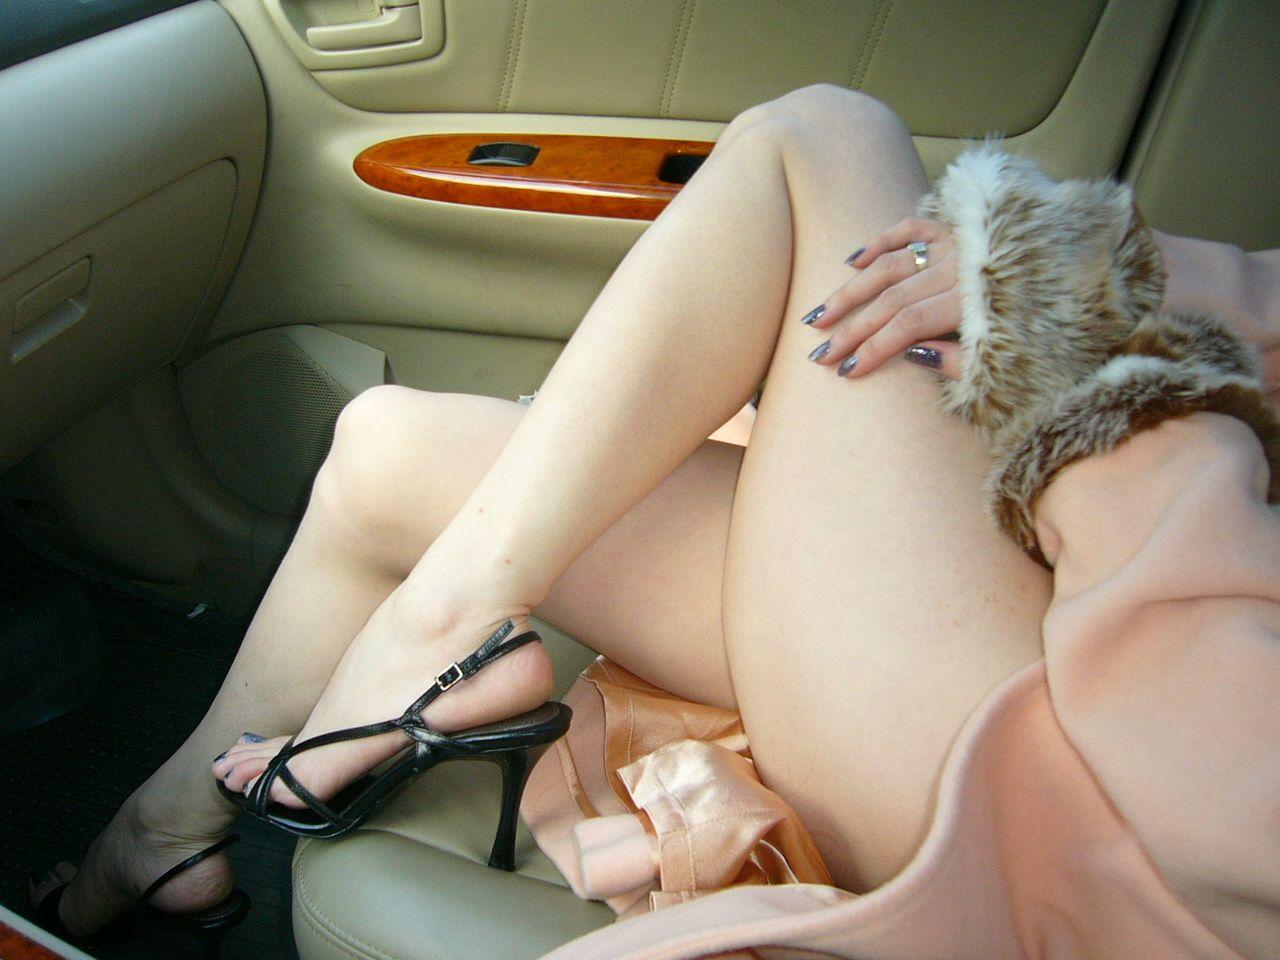 【美脚画像】頬ずりしたくなるwww女の艶っぽい生脚ギャラリー 11